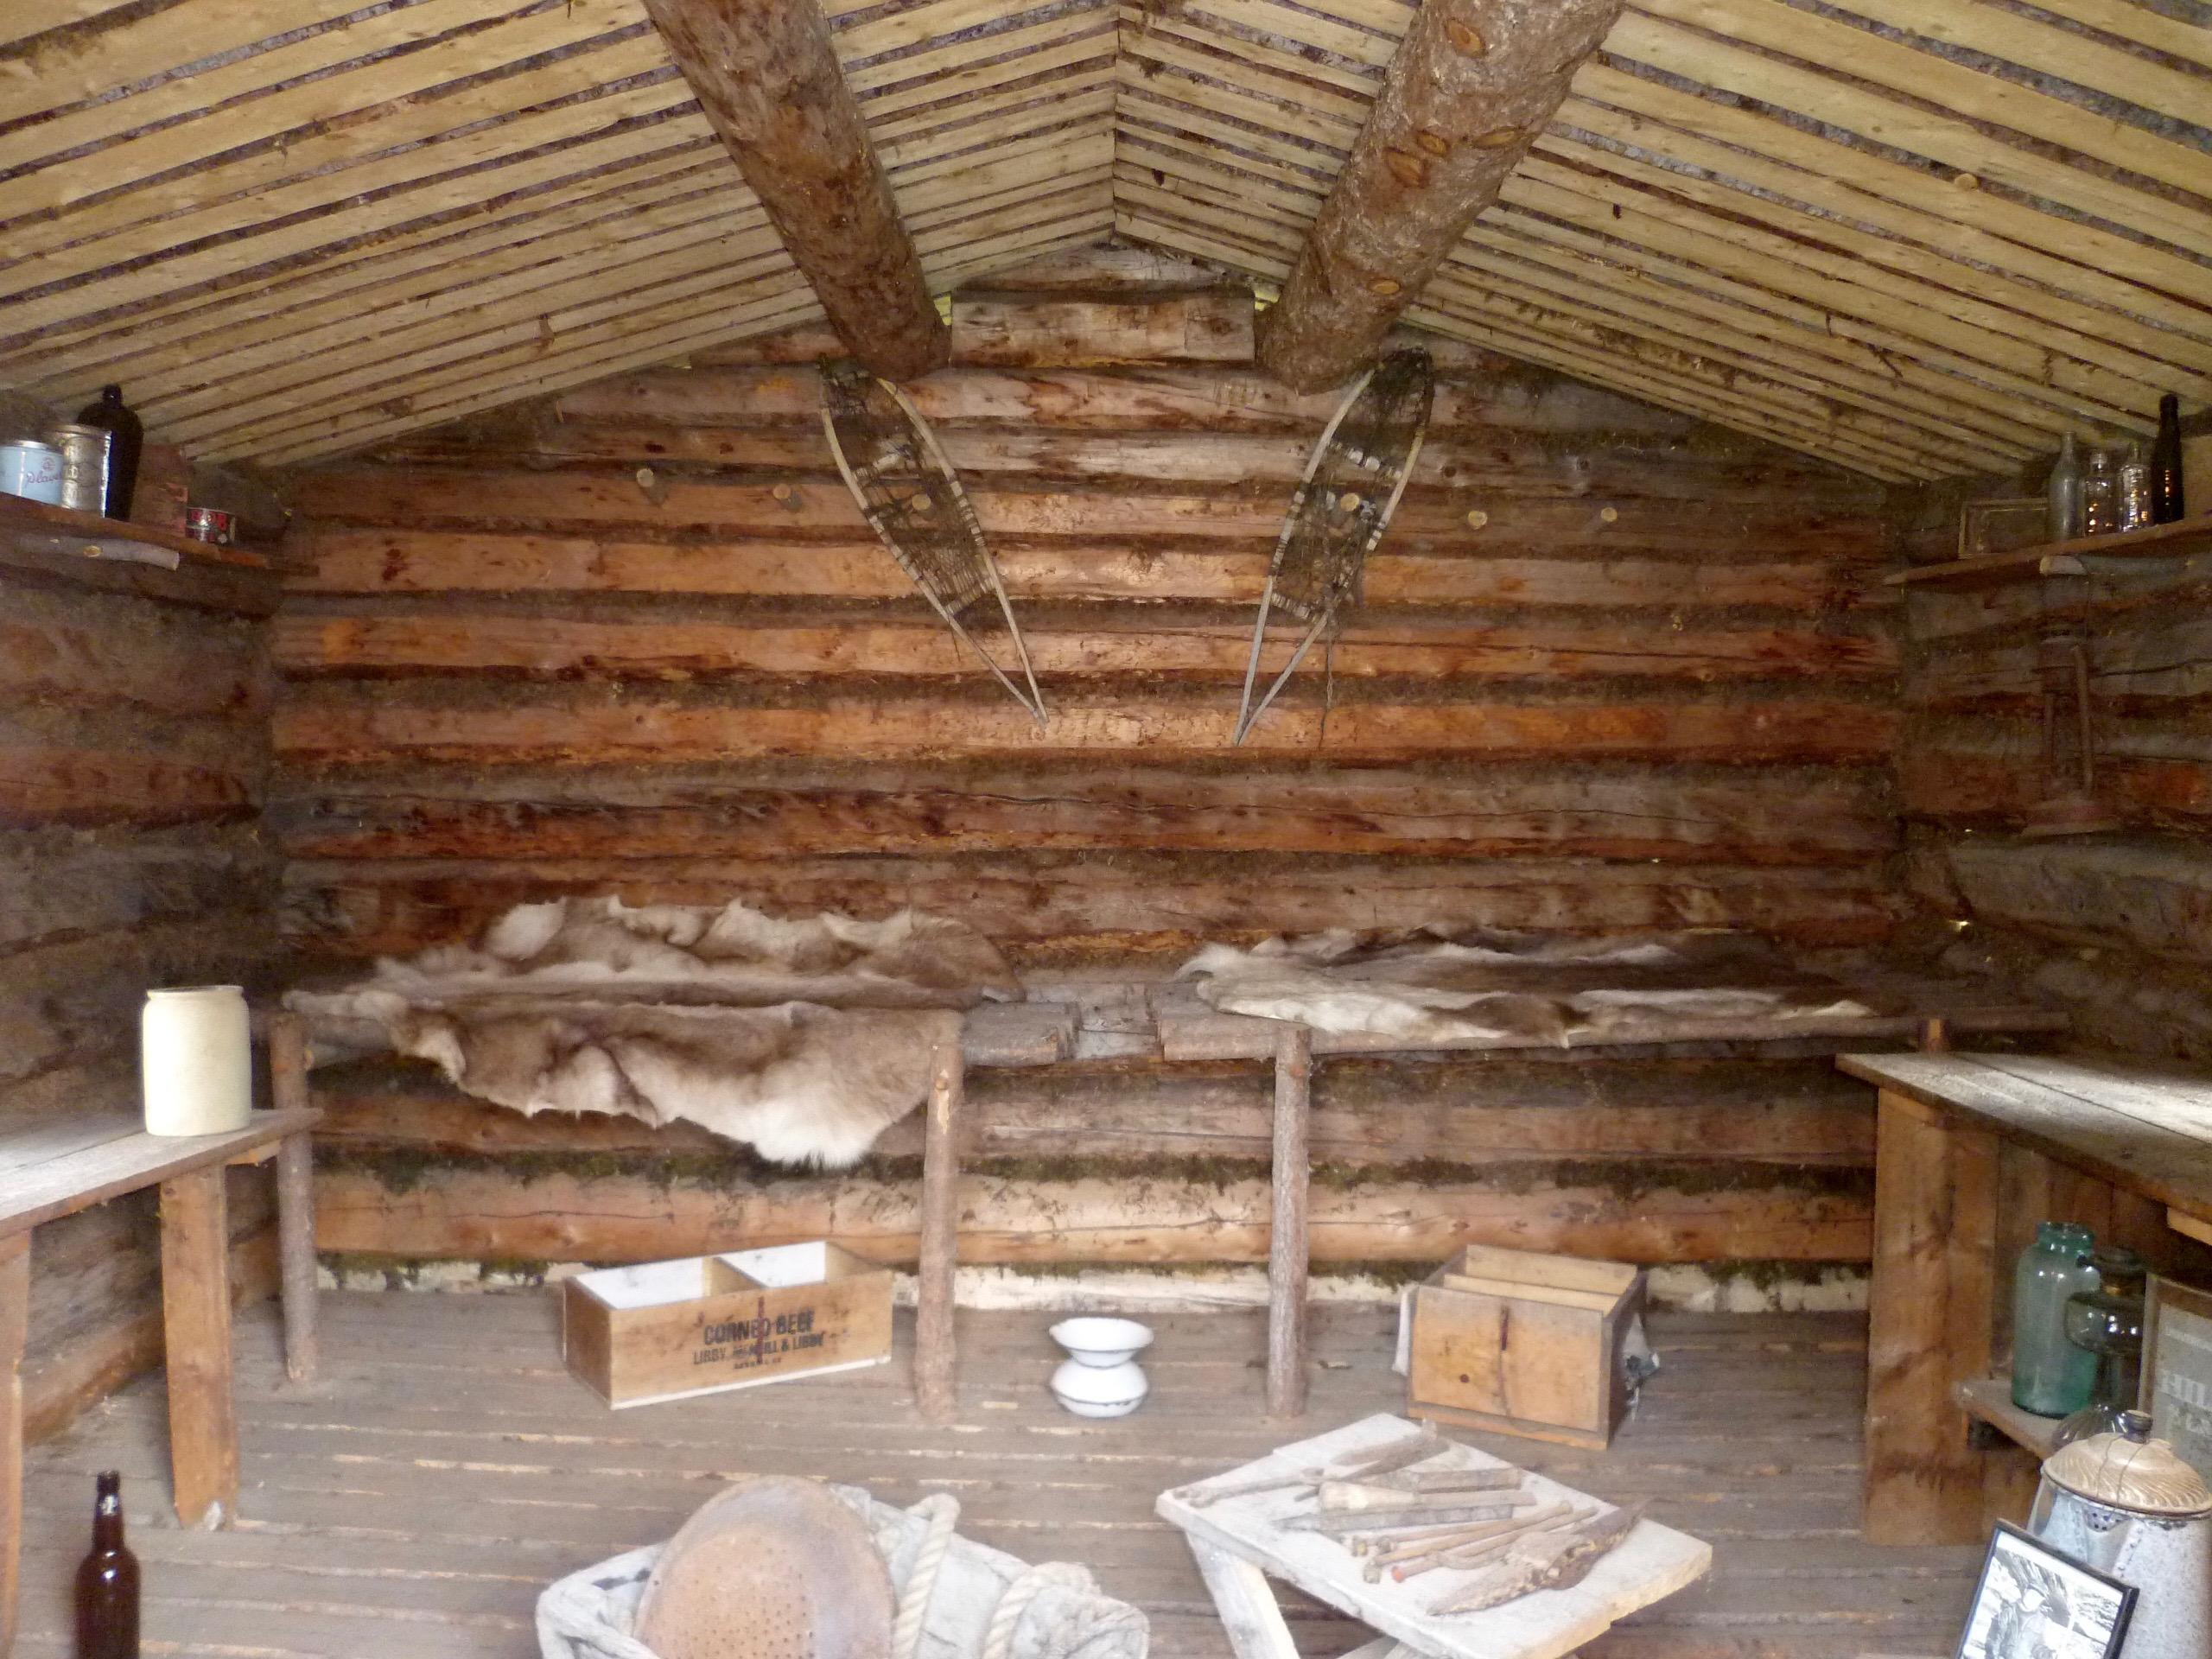 67-Interieur de la cabane de J.London